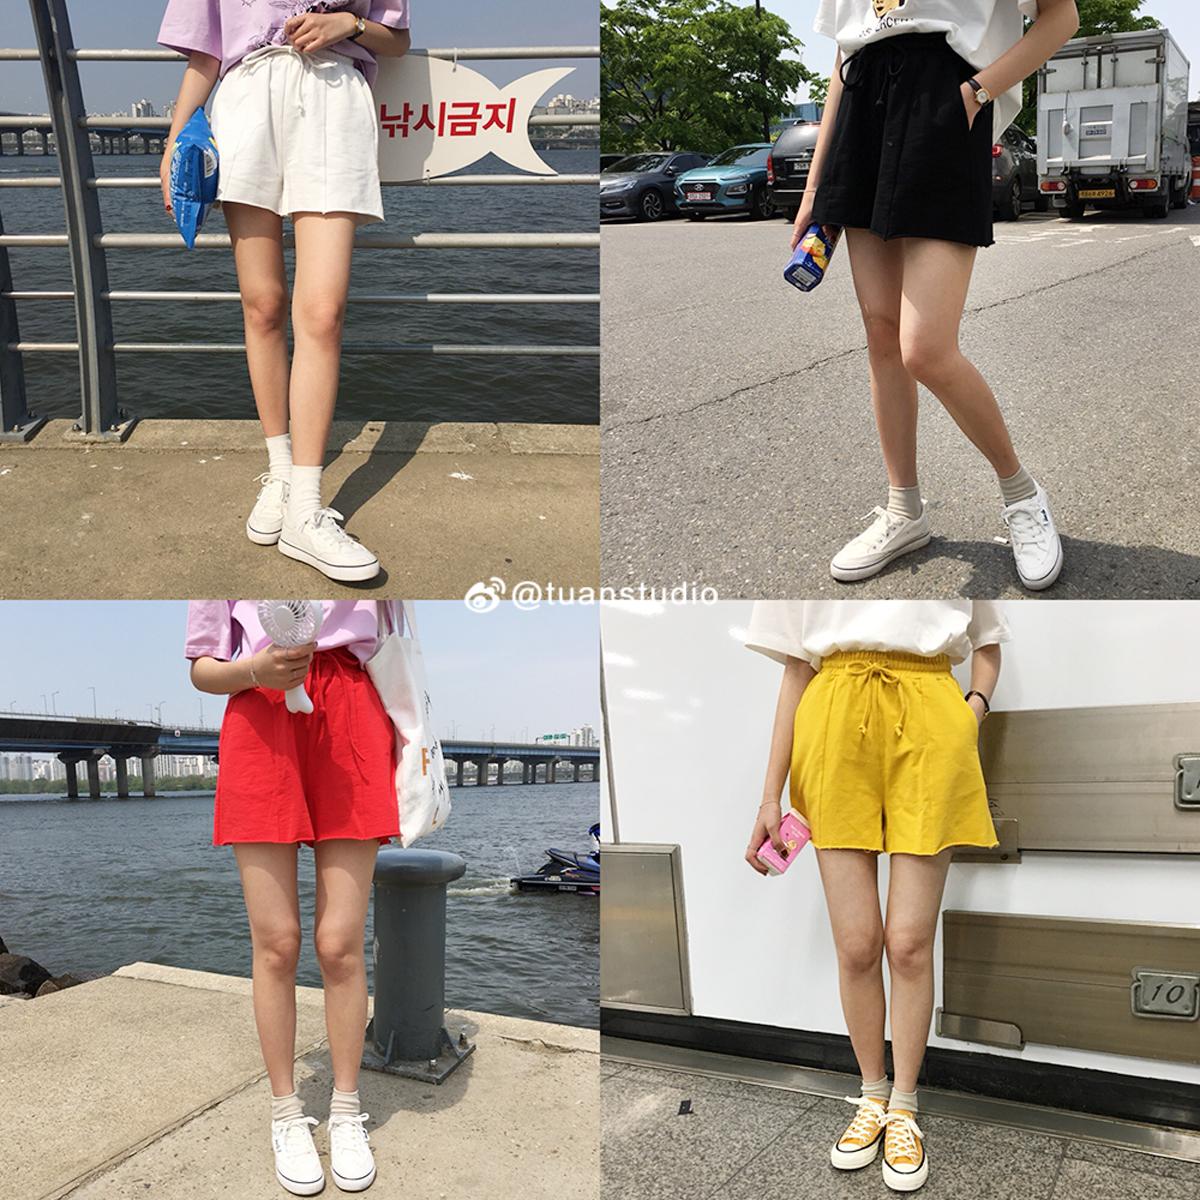 6折清仓 2018短裤女夏天运动裤休闲裤百搭纯色松紧腰宽松短裤女.